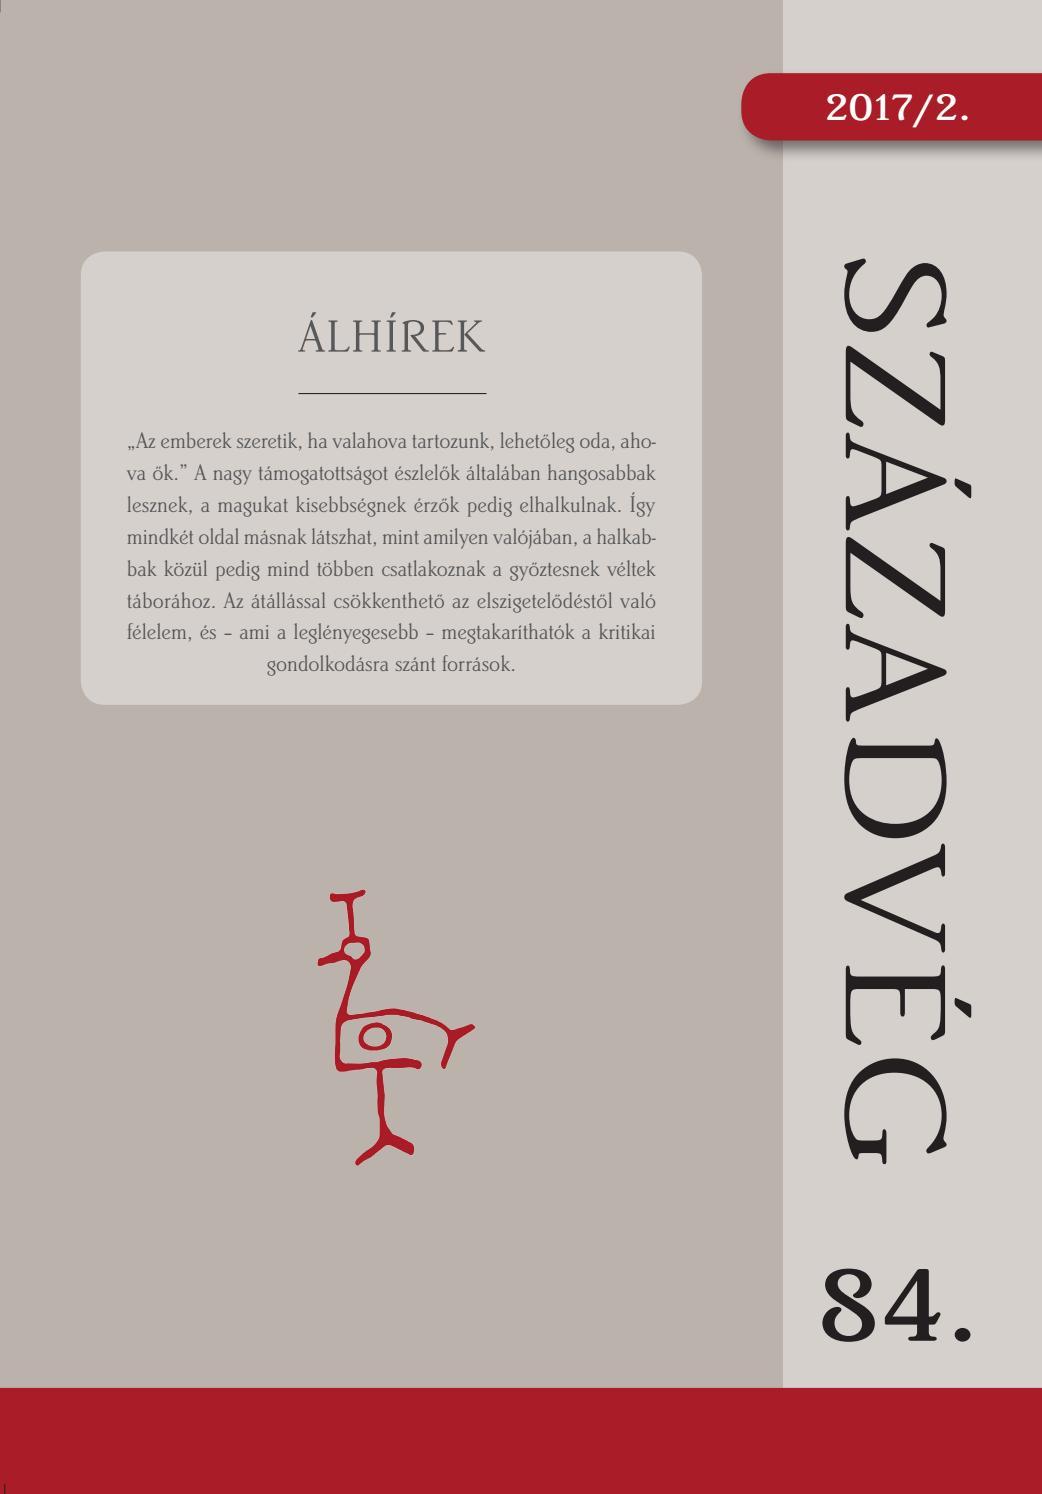 SZÁZADVÉG 84 ÁLHÍREK by SZÁZADVÉG - issuu bc23760c56